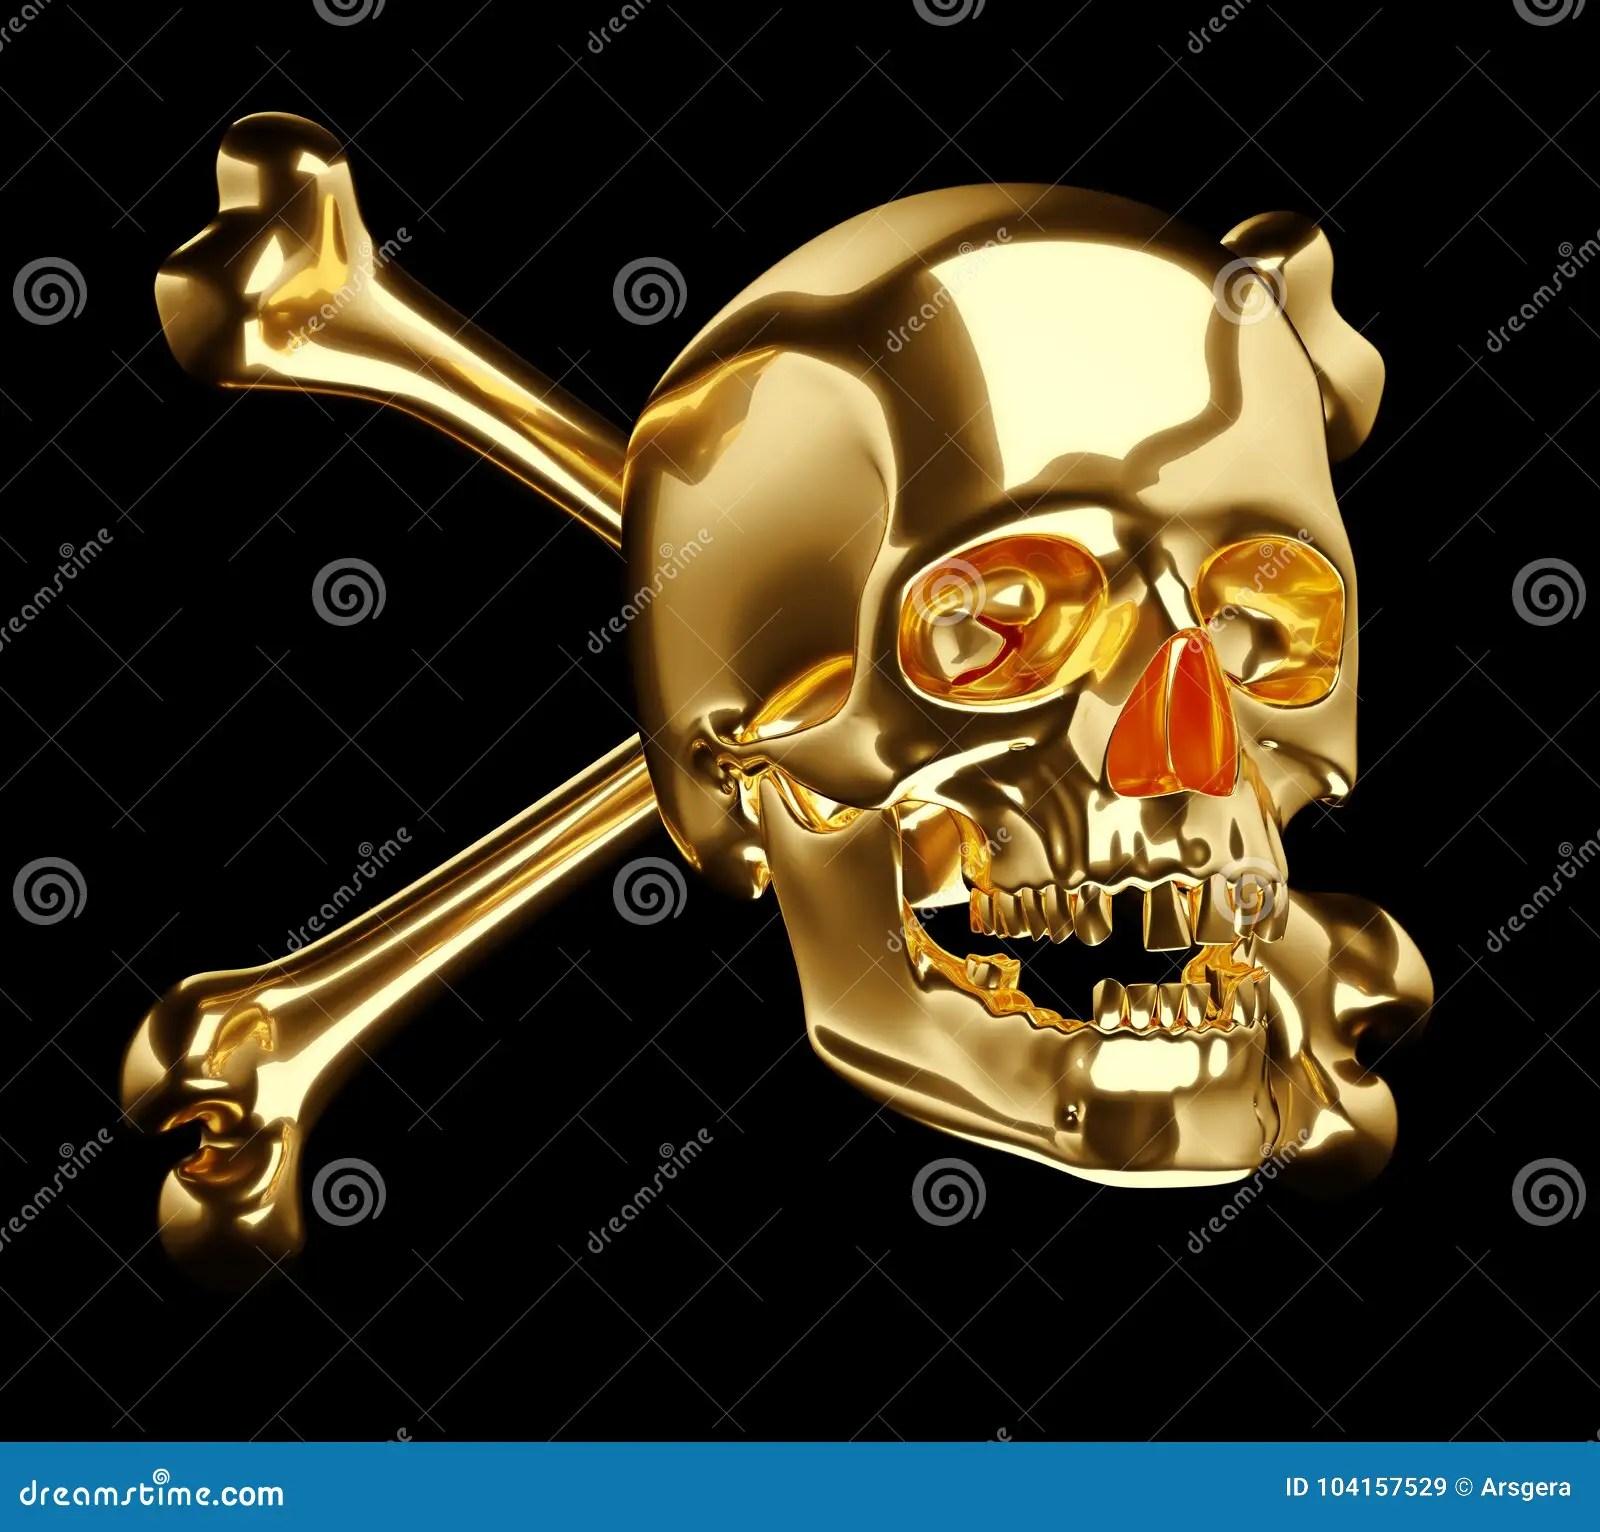 Golden Skull With Cross Bones Or Totenkopf Stock Illustration Illustration Of Life Danger 104157529